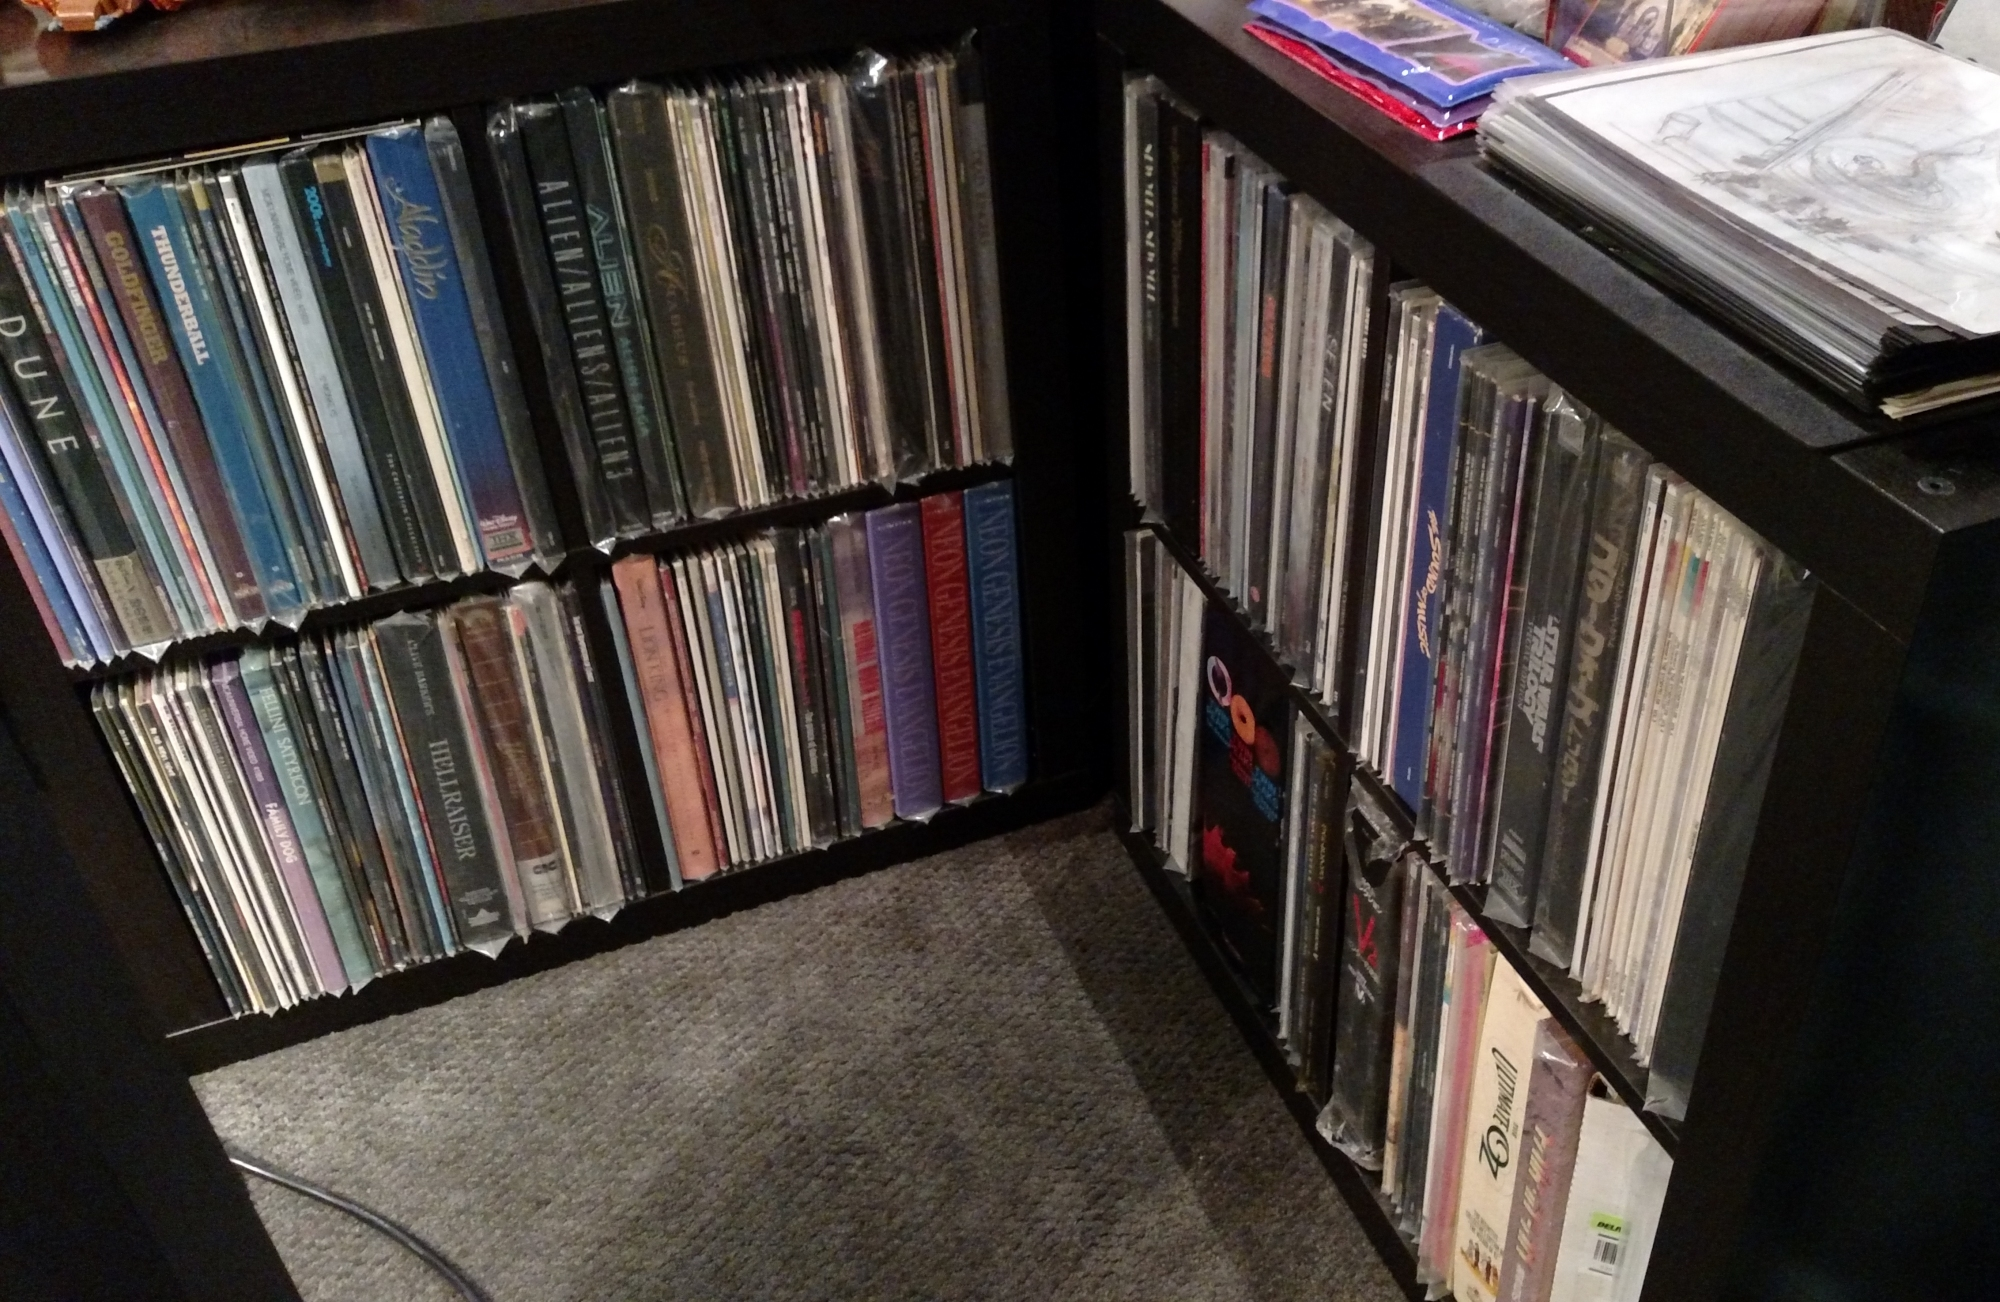 Laserdisc Shelves